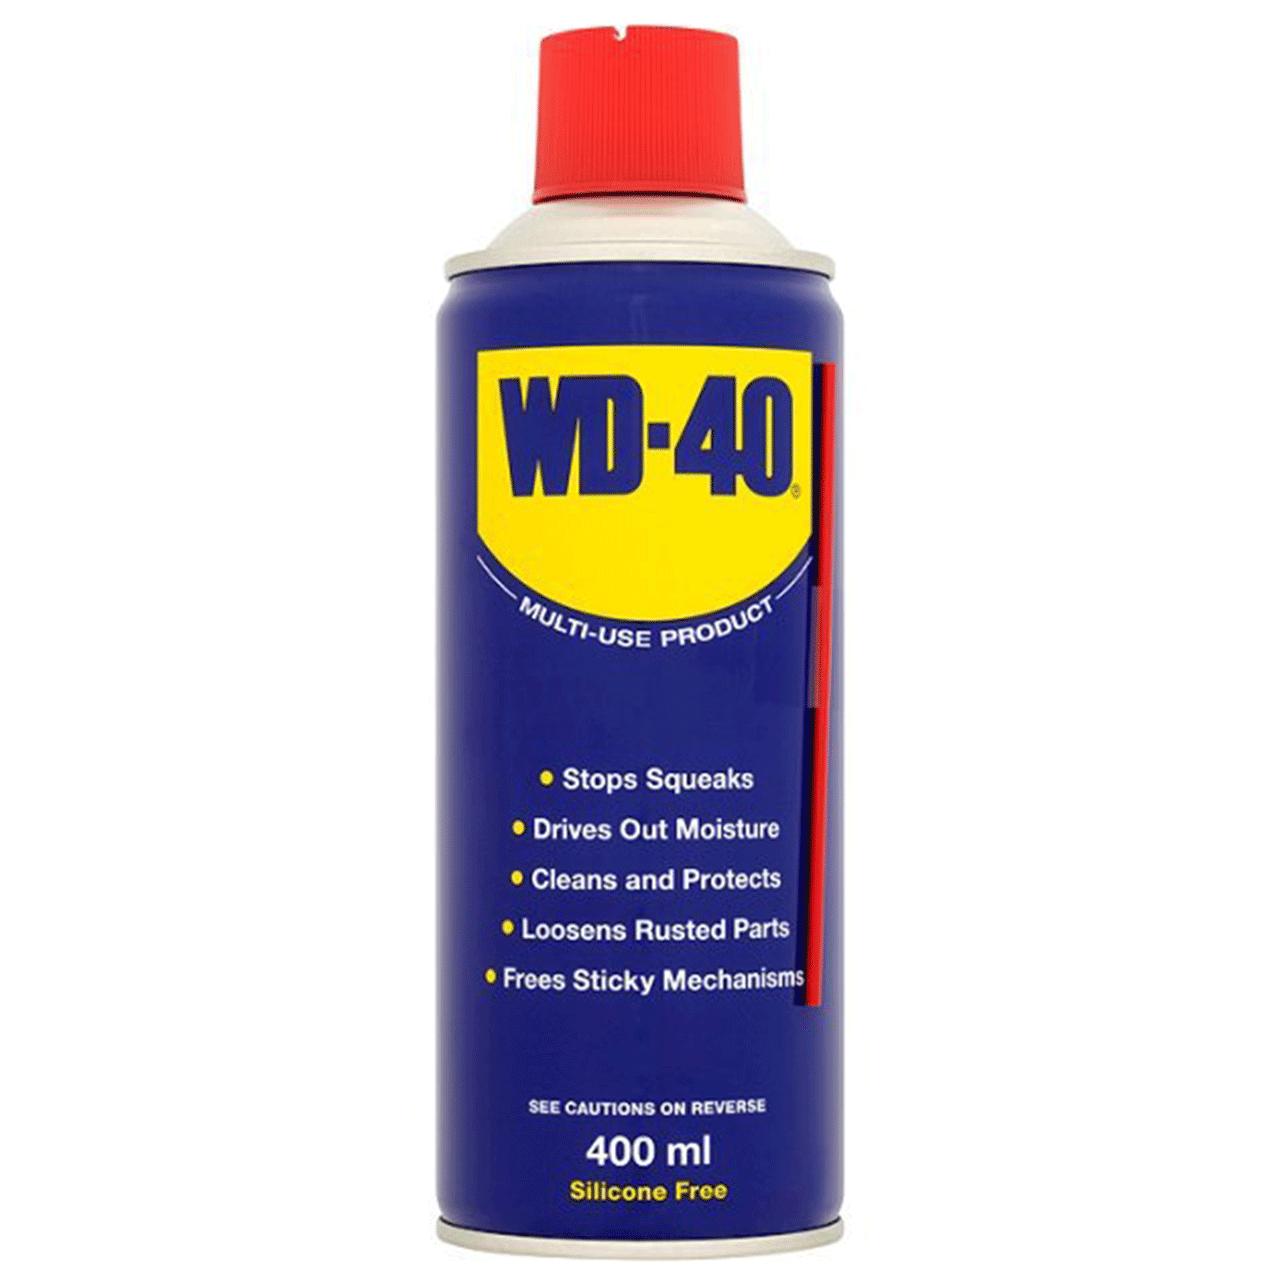 اسپری روان کننده WD-40 حجم 400 میلی لیتر